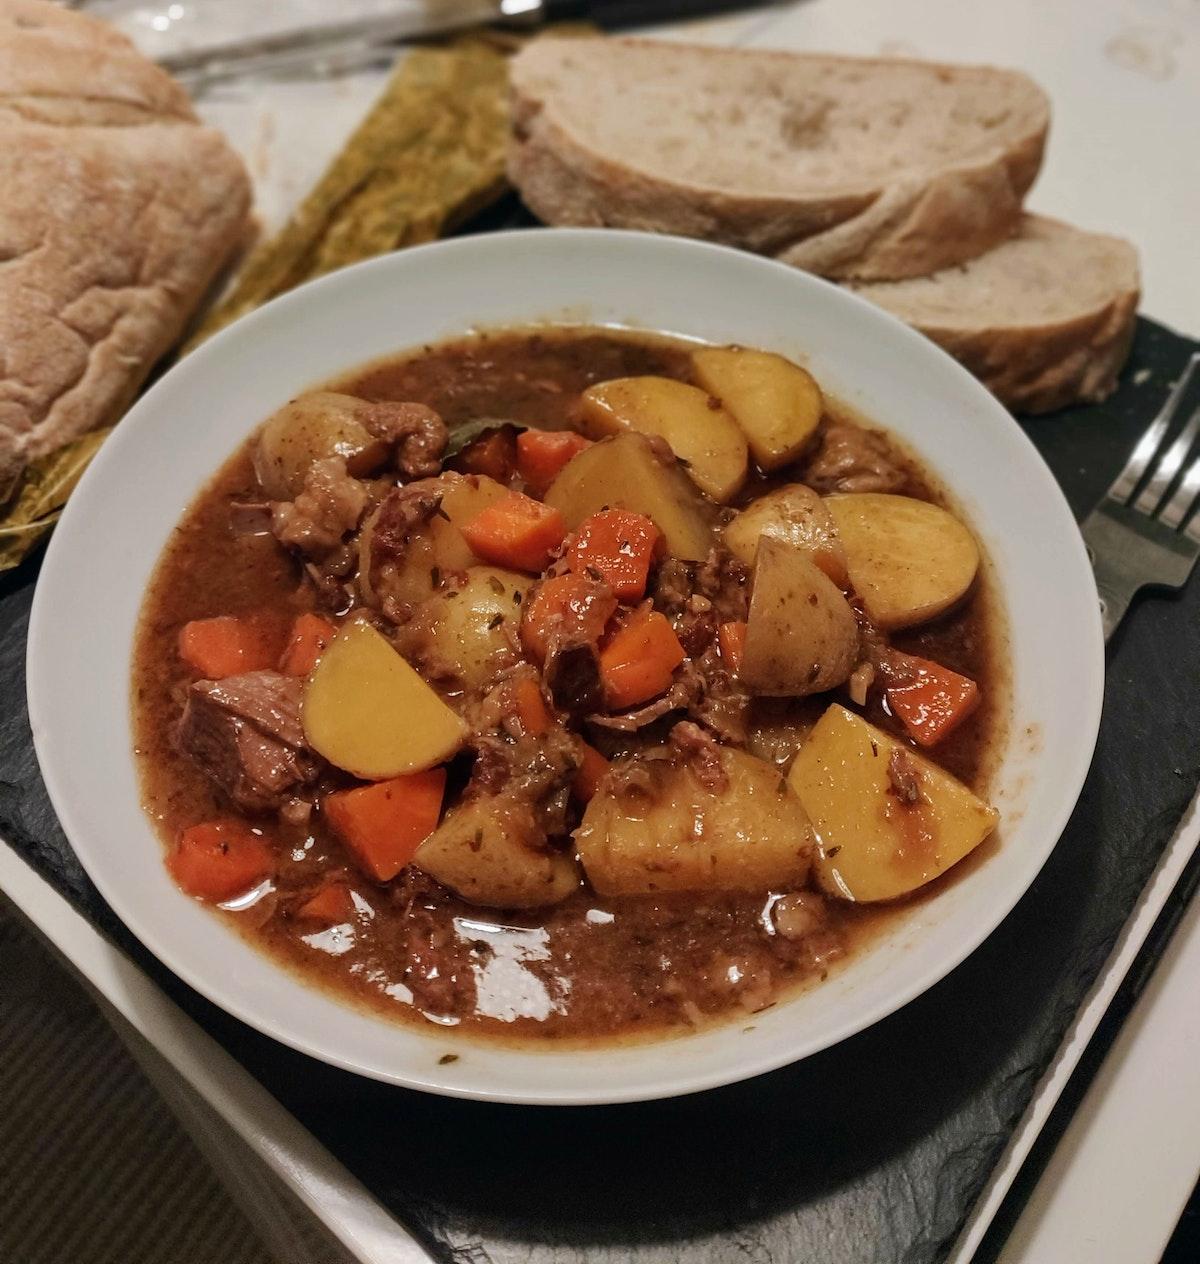 IRELAND: Irish Stew